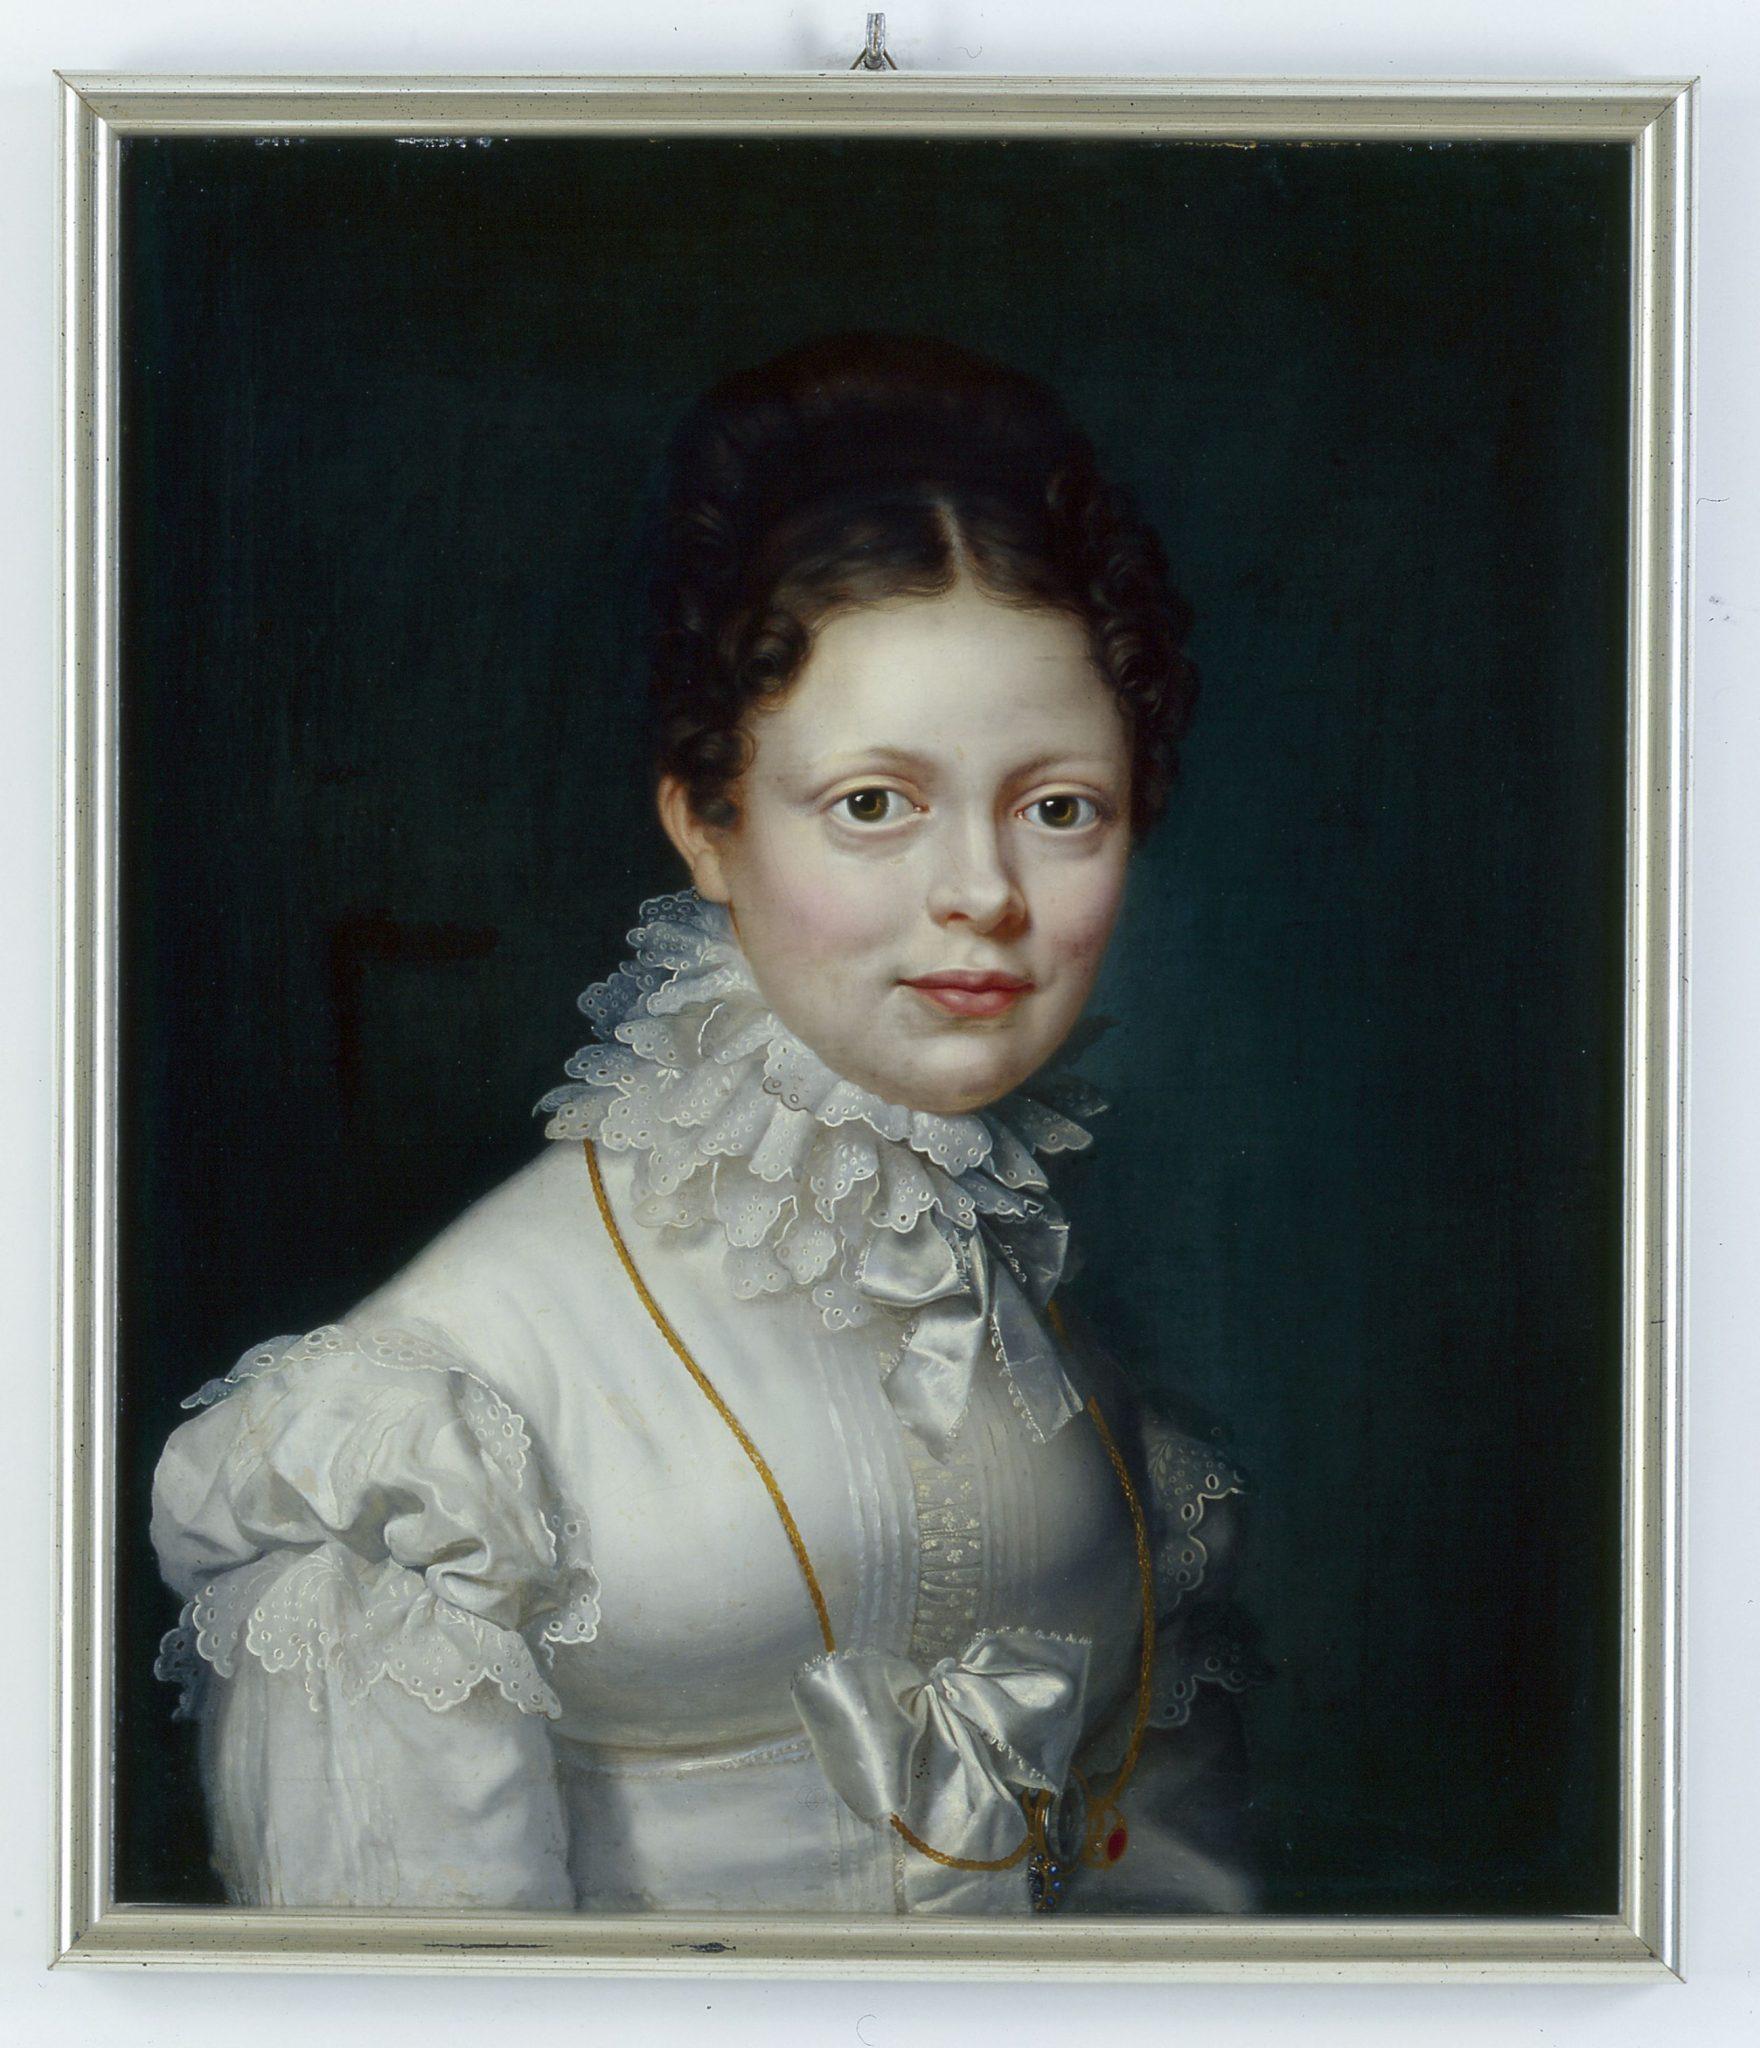 Katharina war eine unglückliche Königin